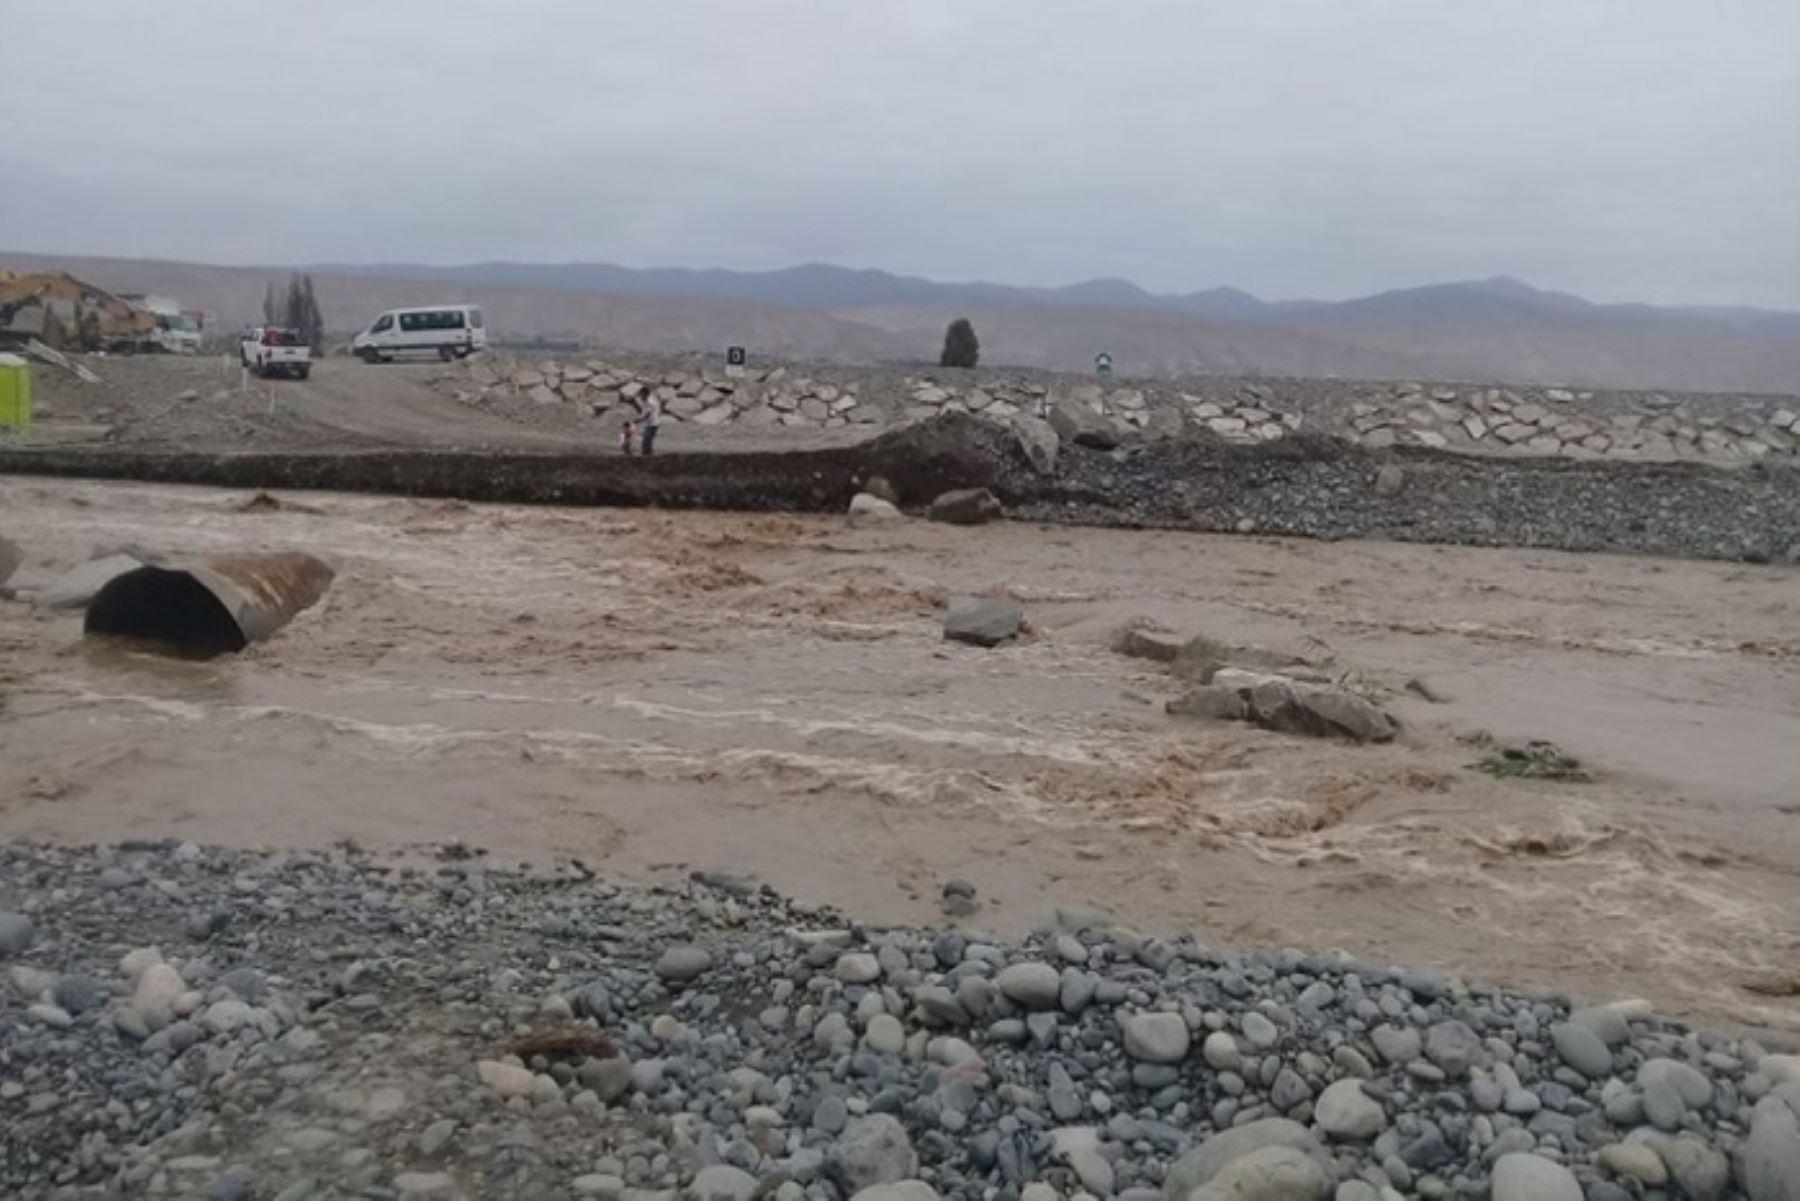 Se ampliará la dotación de combustible a través del COER Arequipa, de 1,400 a 2,400 galones para que la maquinaria labore dos meses en los trabajos en el río Tambo. ANDINA/Difusión